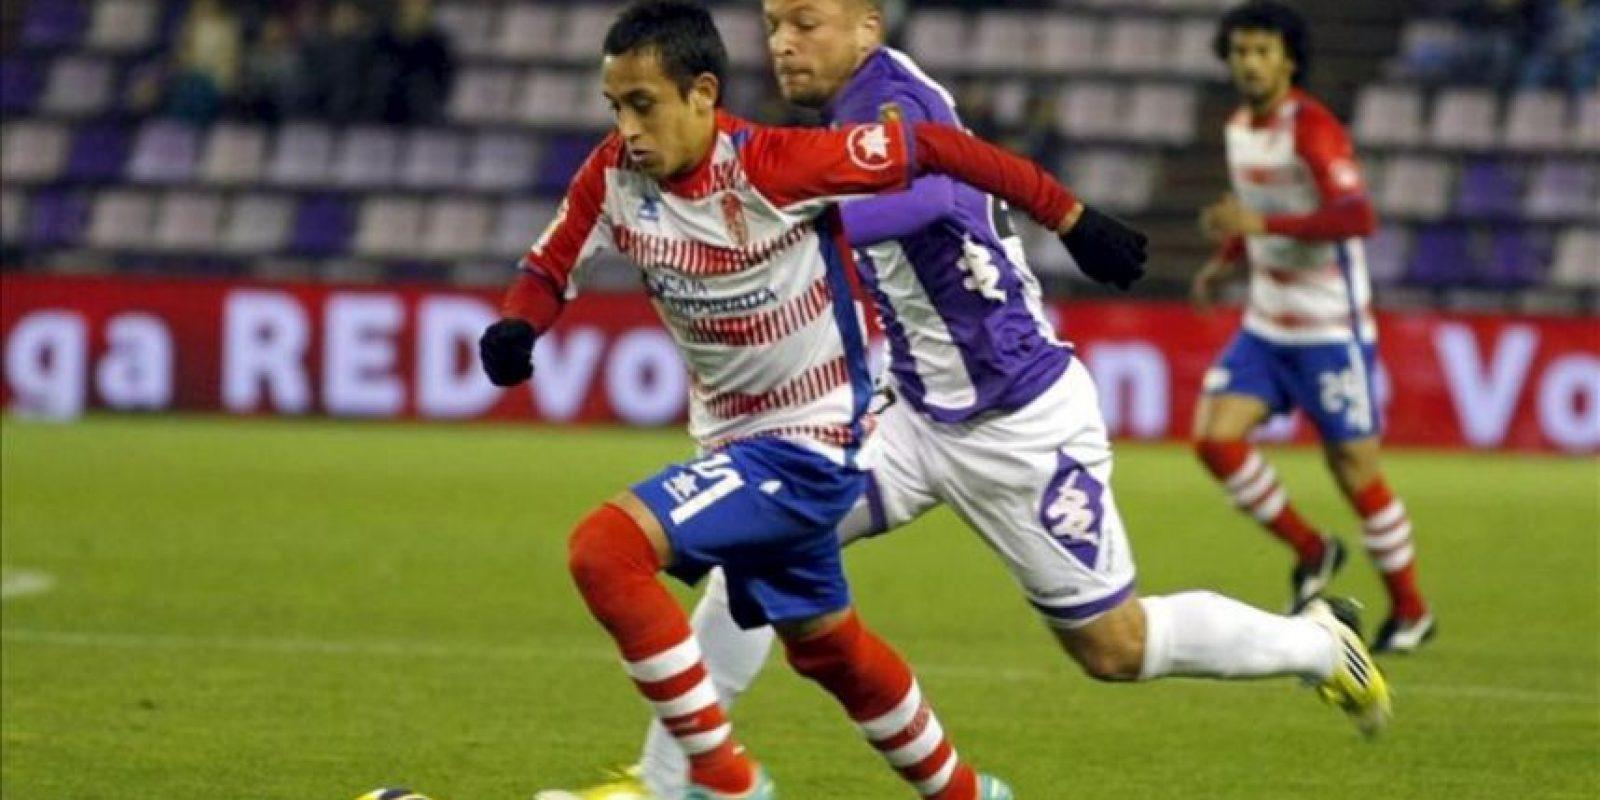 El centrocampista chileno del Granada, Fabián Orellana (i), perseguido por el centrocampista alemán del Valladolid, Patrick Ebert (d), en el partido correspondiente a la decimotercera jornada de la Liga de Primera División en el estadio Nuevo José Zorrilla. EFE